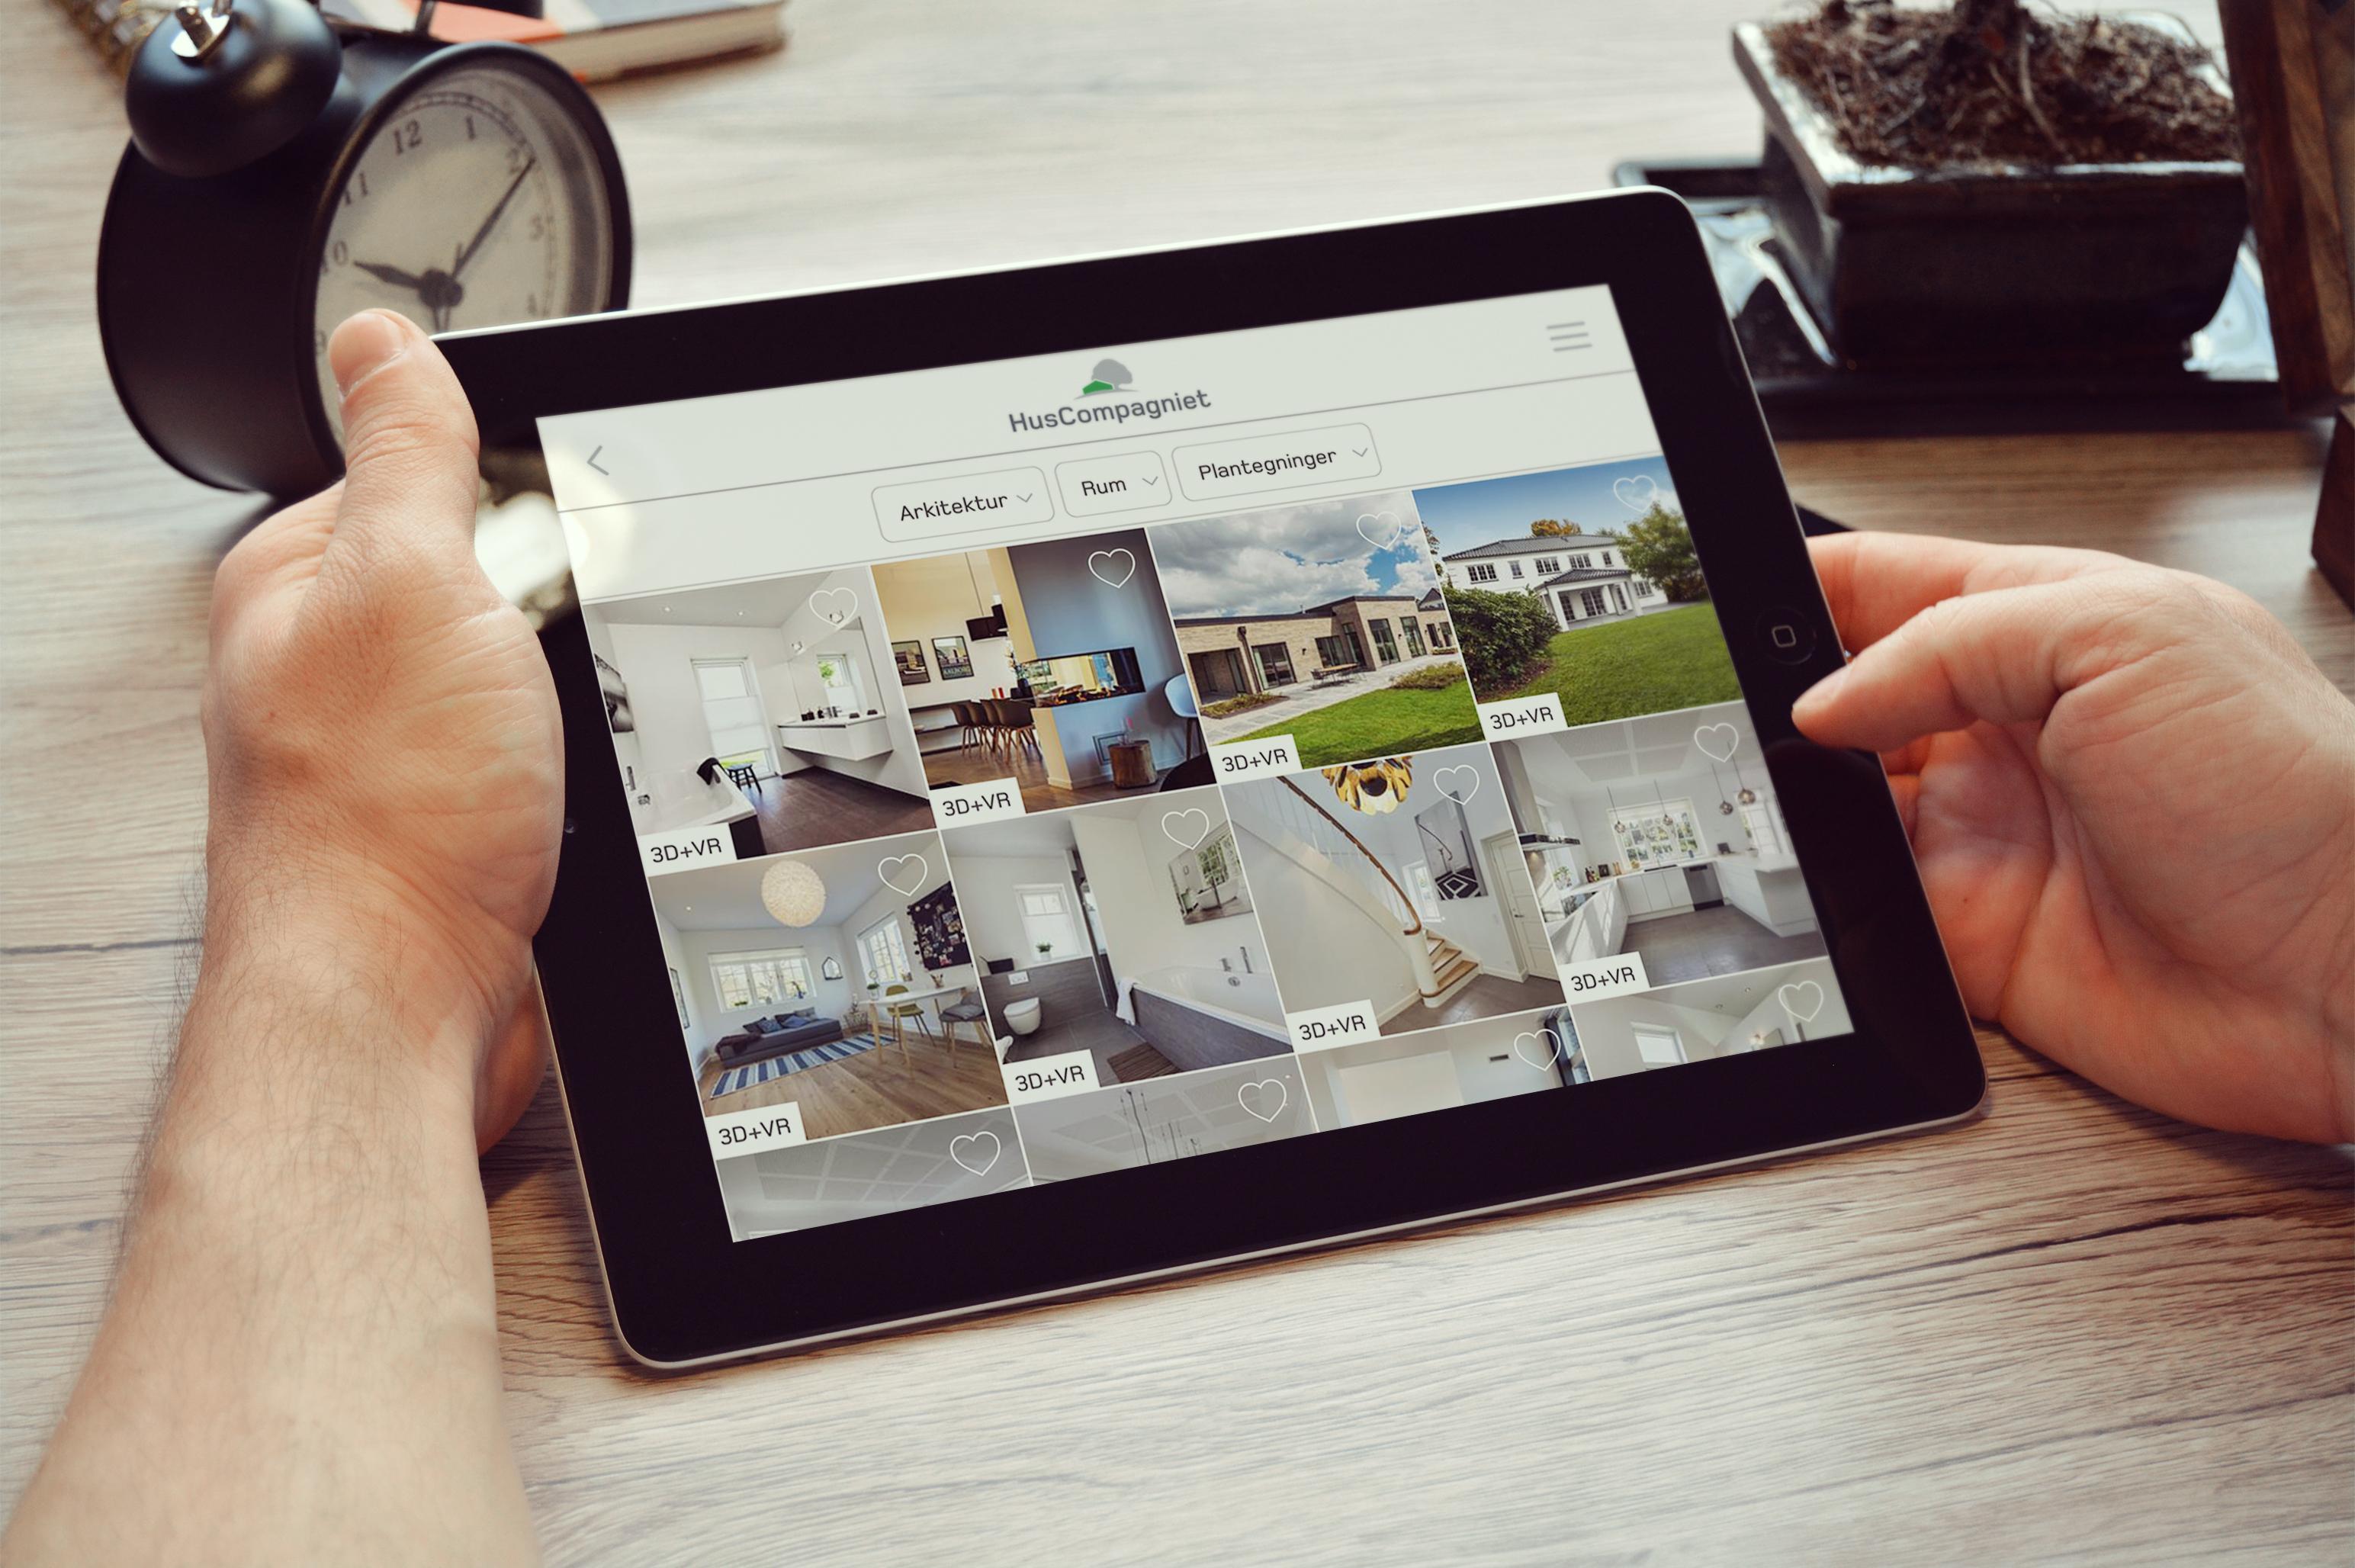 Huscompagniet-app-ipad-2